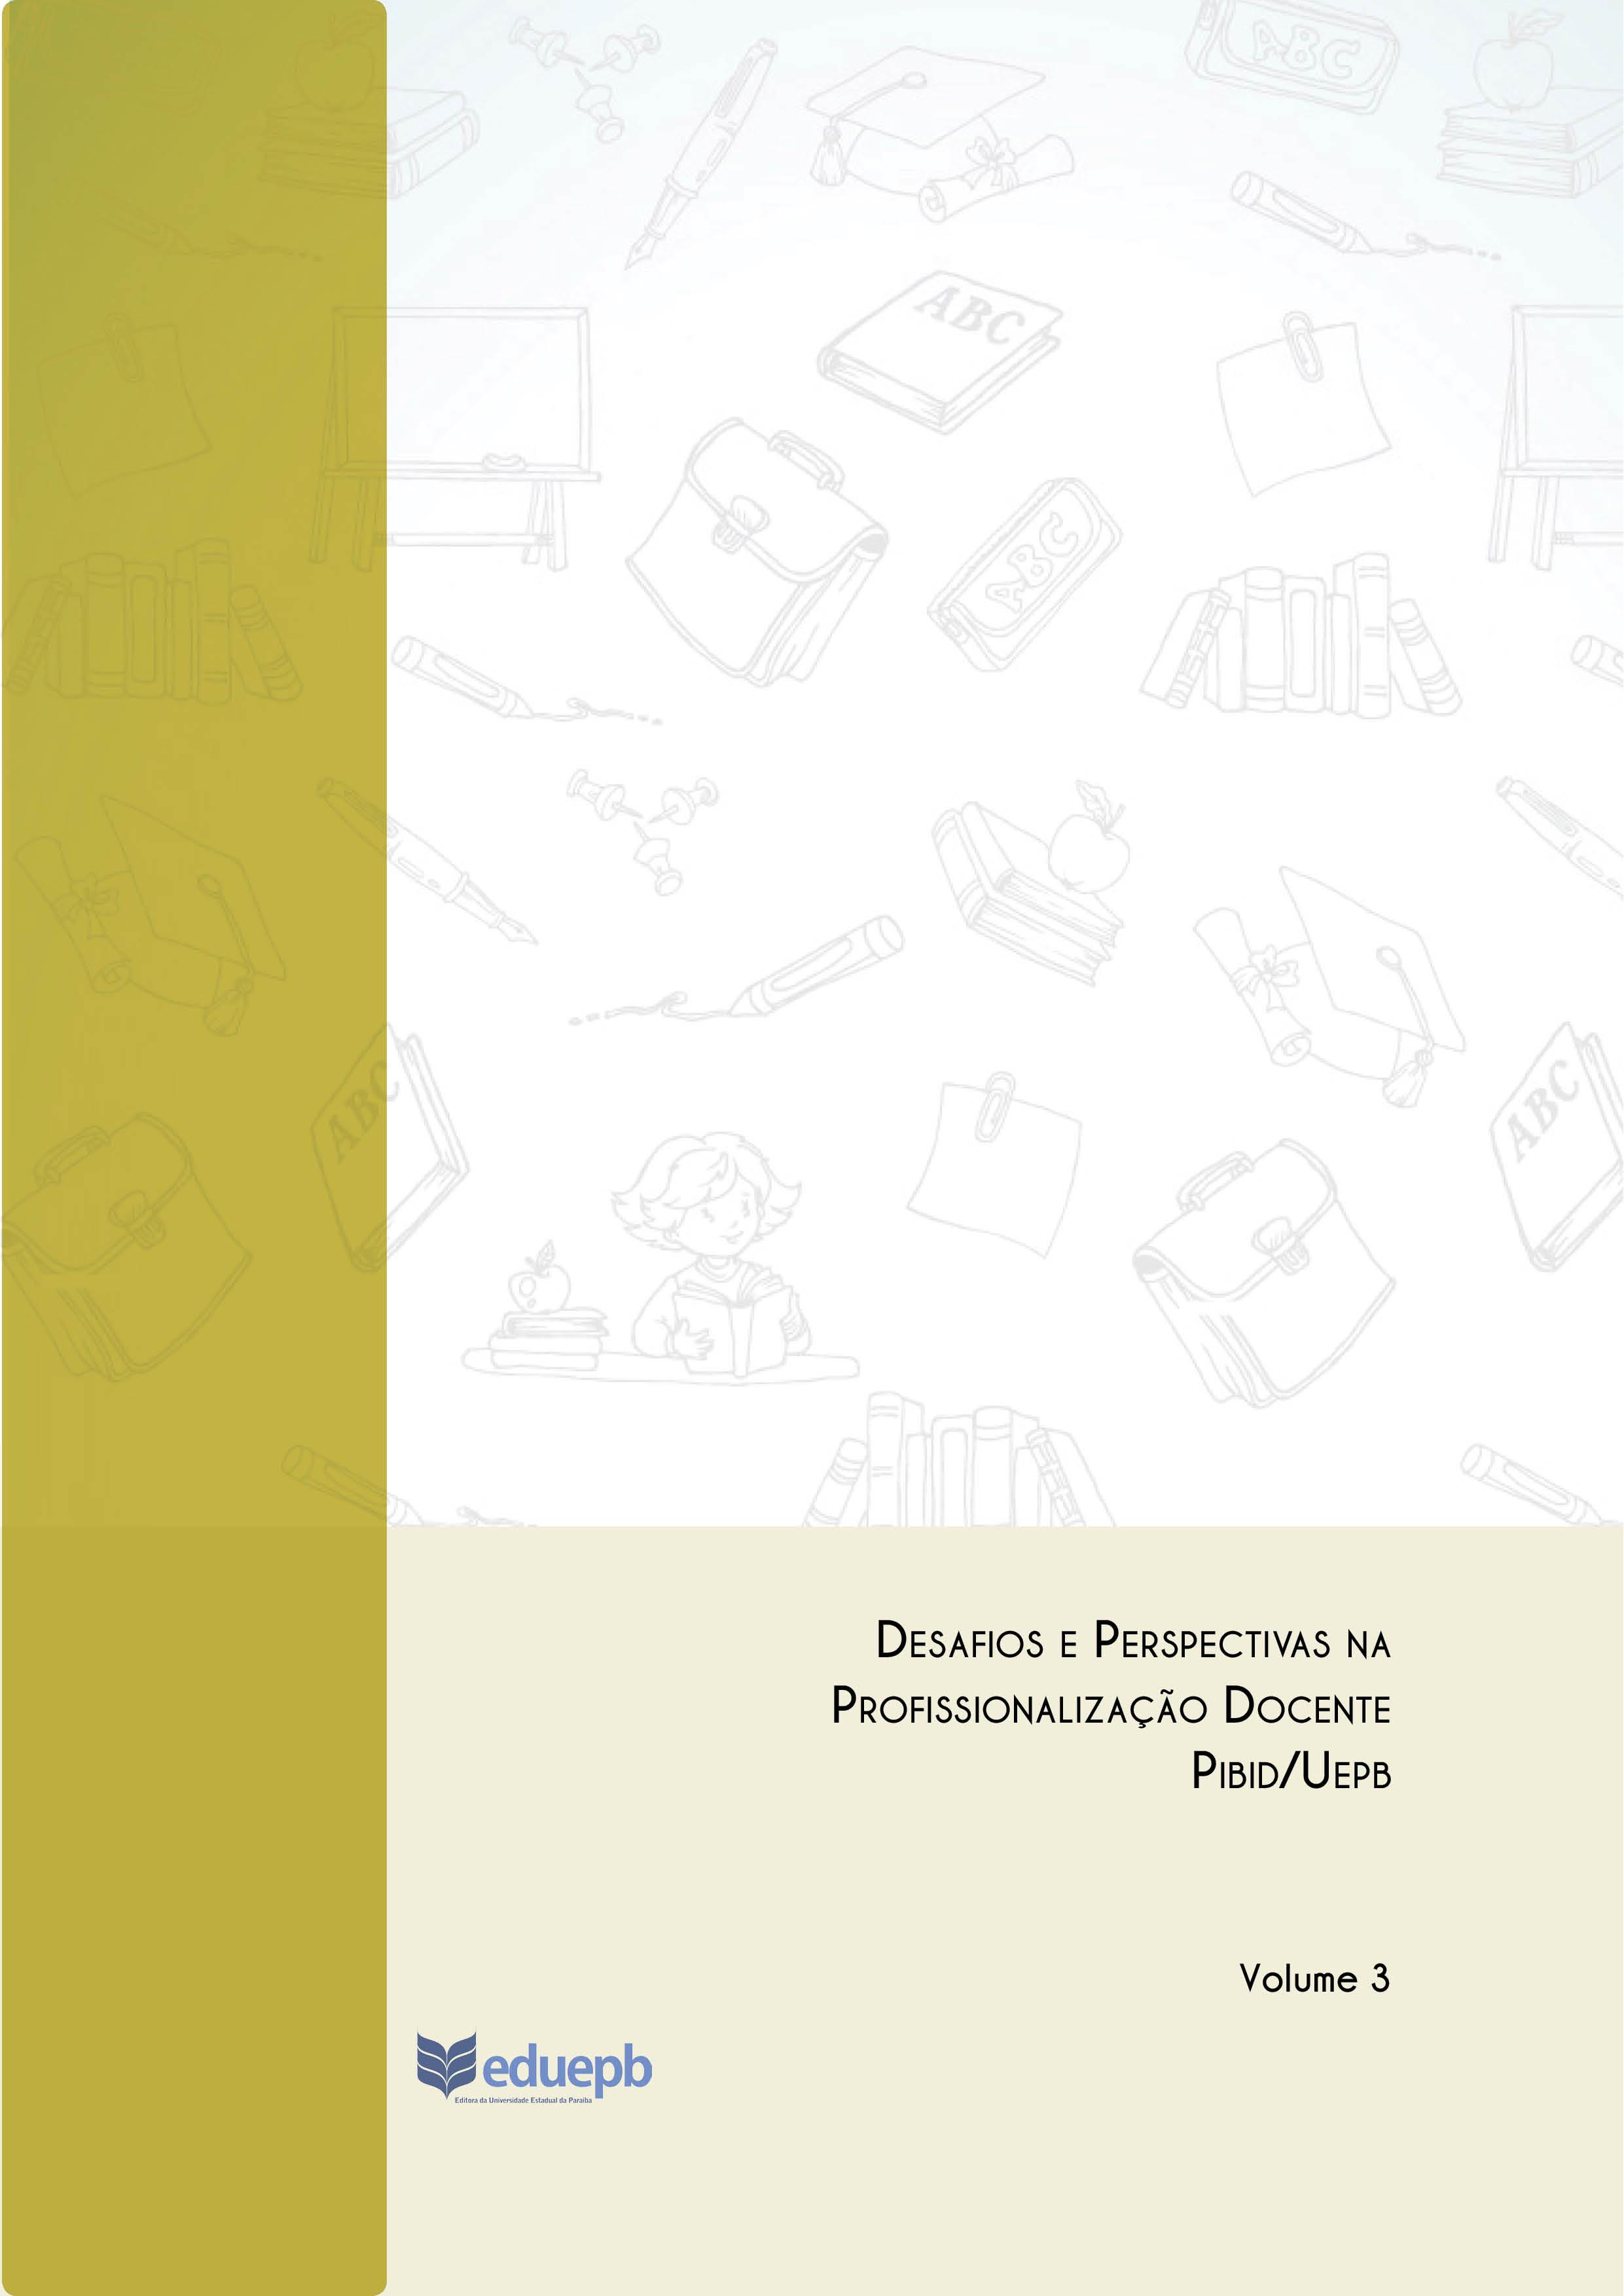 Desafios e Perspectivas na Profissionalização Docente Pibid/Uepb Volume 3